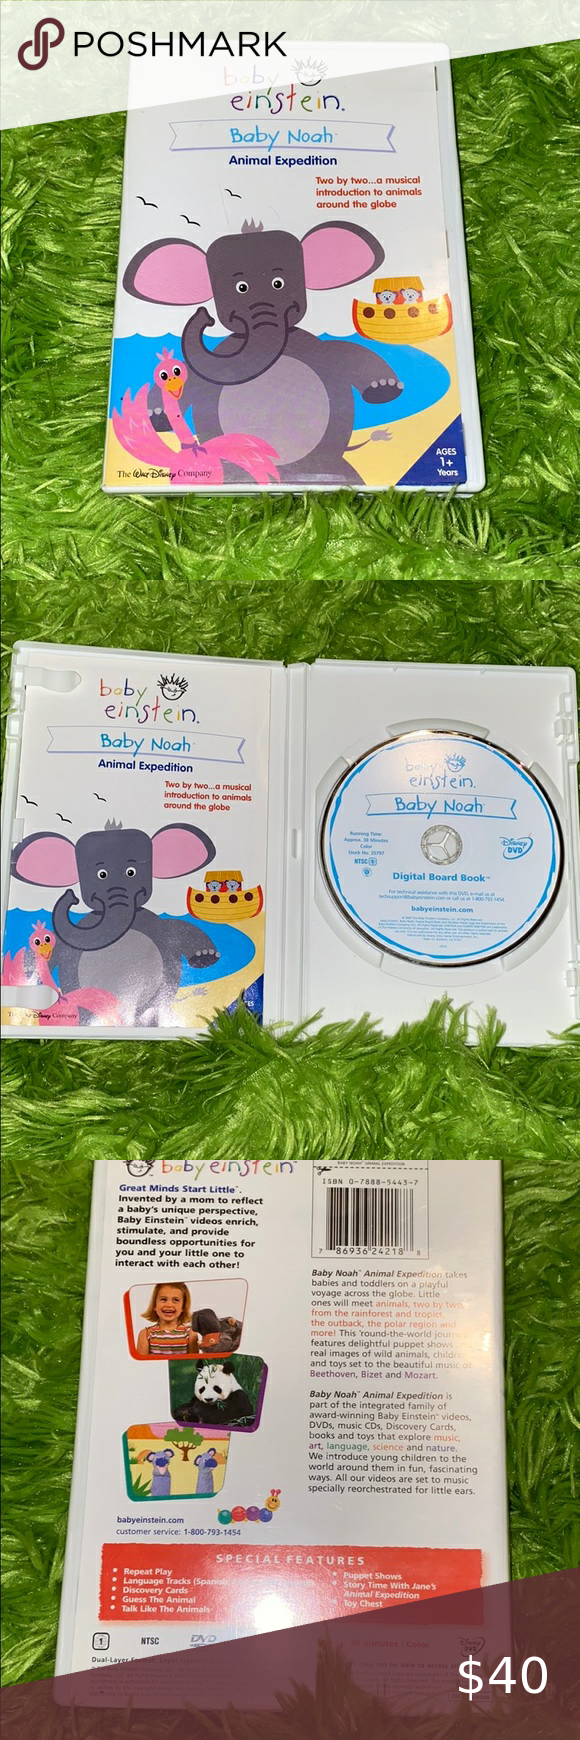 Disney Dvd Disney Princess Books Baby Einstein Disney Toys